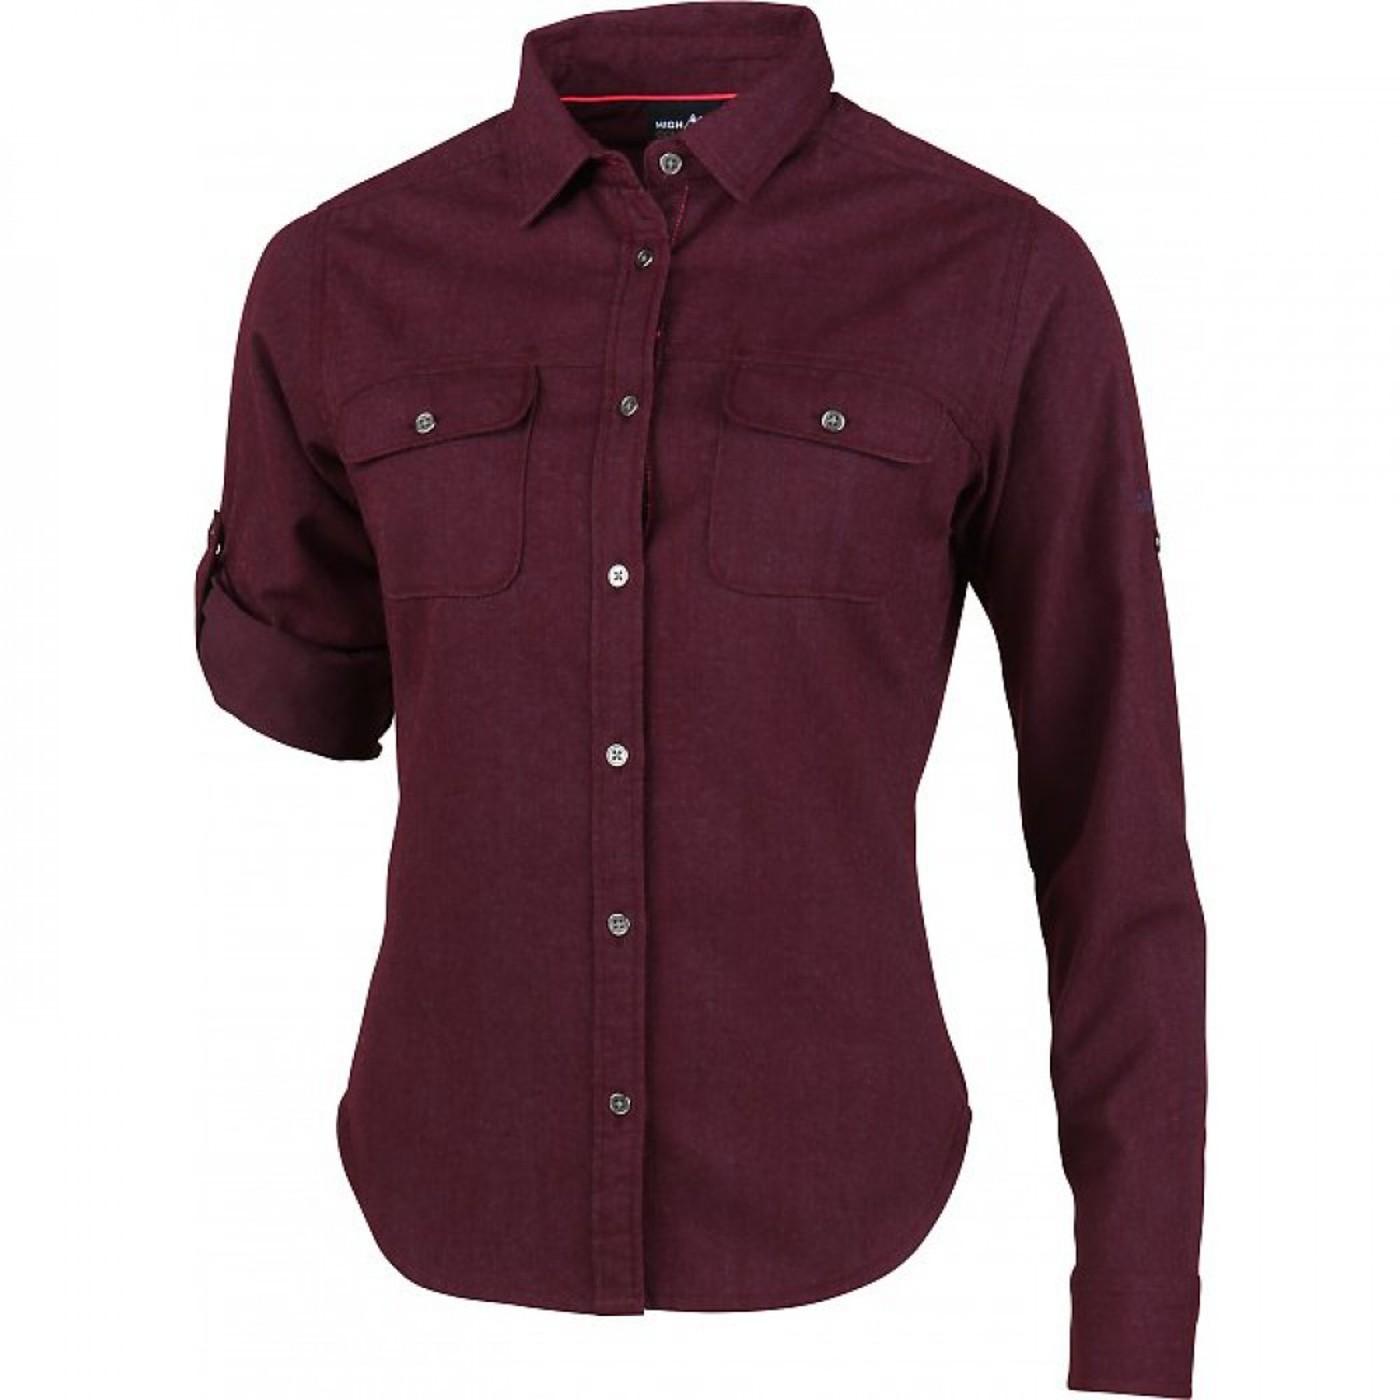 HIGH COLORADO Lds. Shirt, Roll-Up CATANIA-L - Damen